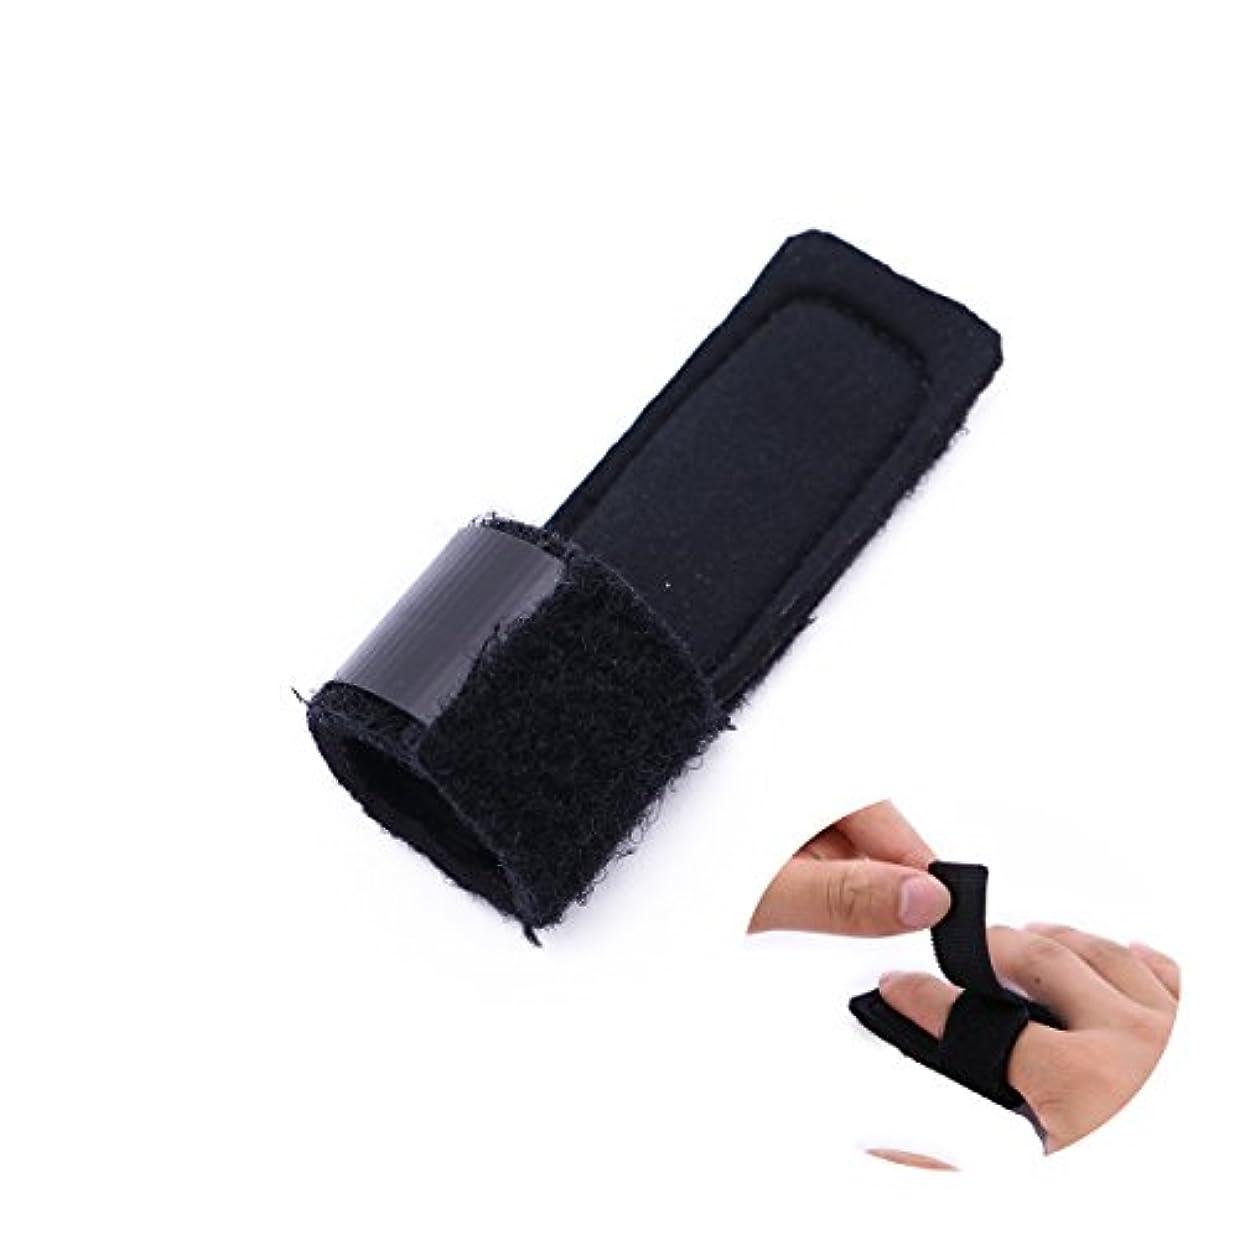 機械的解明体操SUPVOX 指の添え木マレット指の支柱の引き金のための骨折の接合箇所の添え木プロテクター